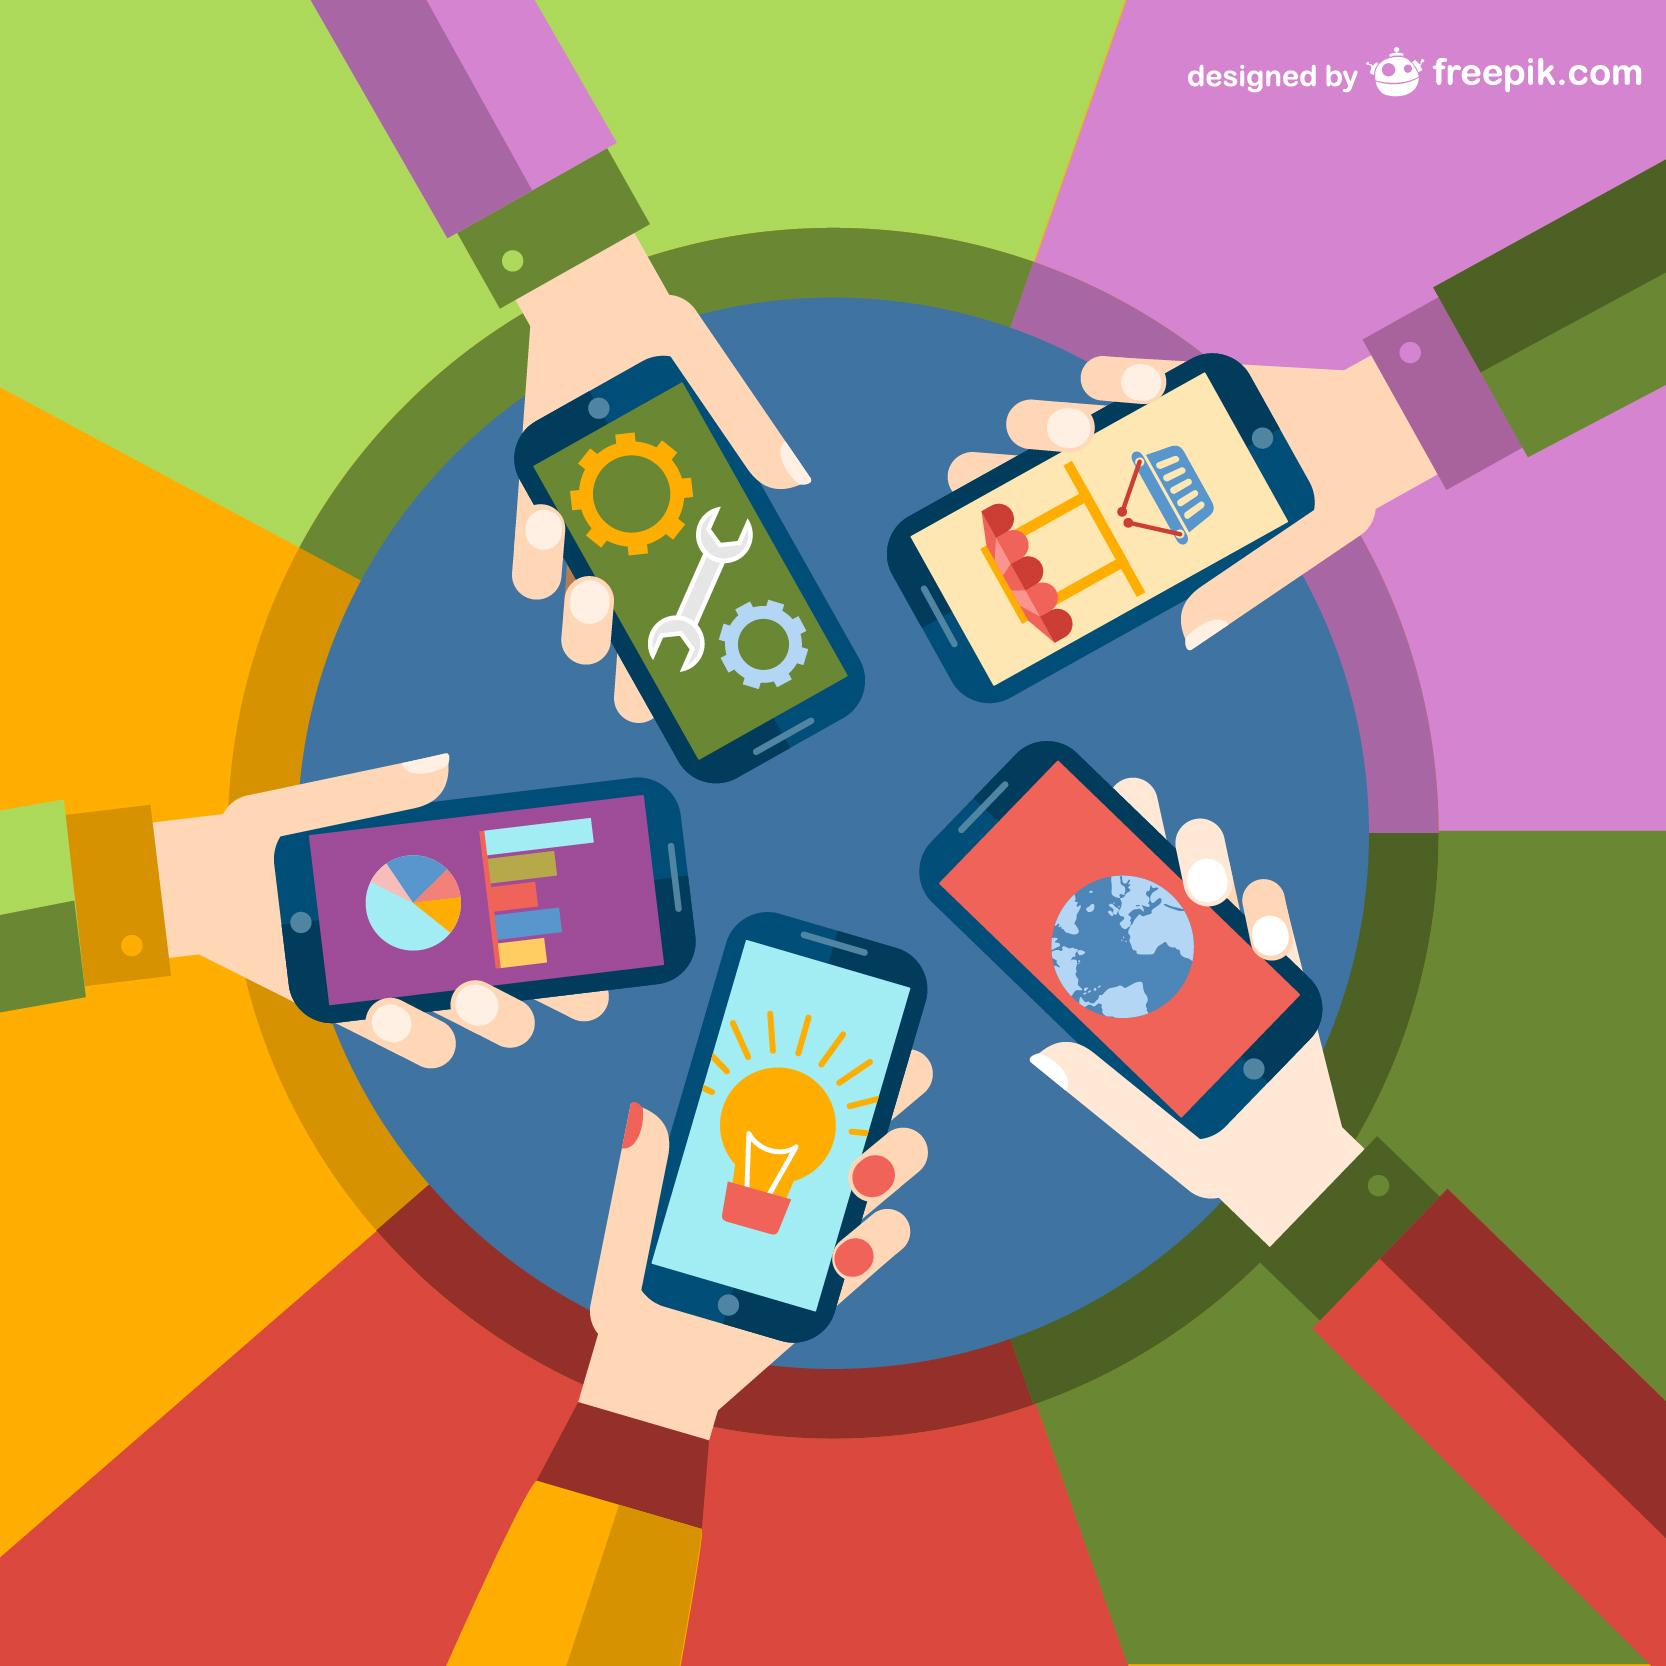 Proyecto #SocialMedia615 de César Palazuelos community manager y marketing digital